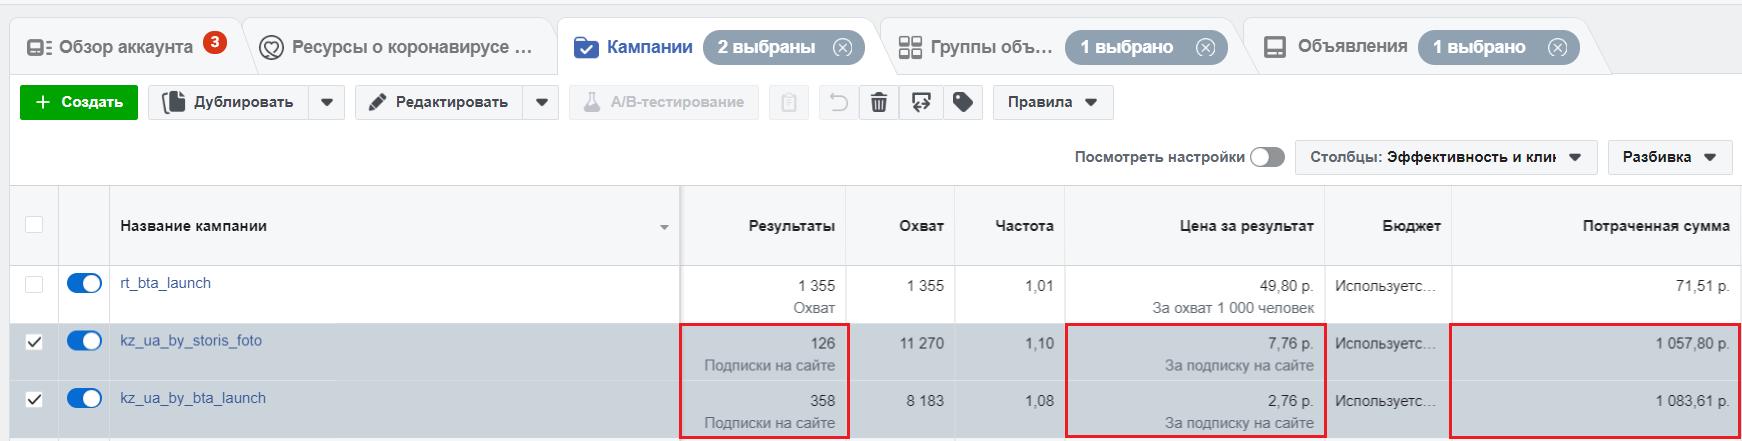 Хотели достойный кейс про инфобизнес, где 2000 рублей превратились в 484 заявки? Получите и распишитесь